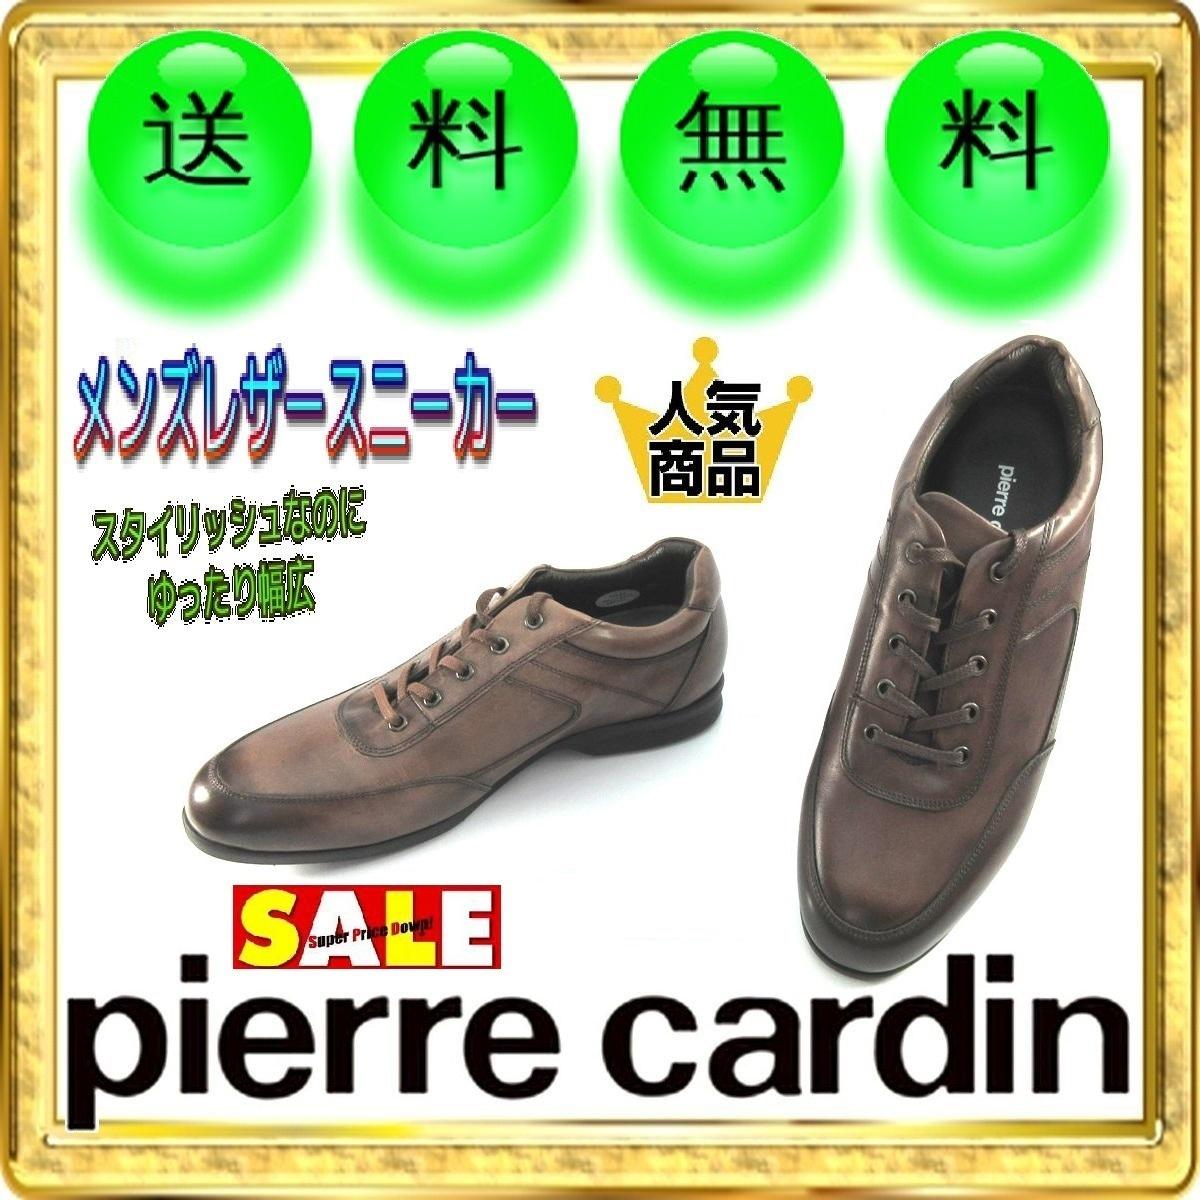 メンズレザースニーカー 日本製 紳士靴 ピエールカルダン pierre cardin 本州送料無料 本革レースアップシューズ 25cm幅広3E 濃茶 U2009_画像1